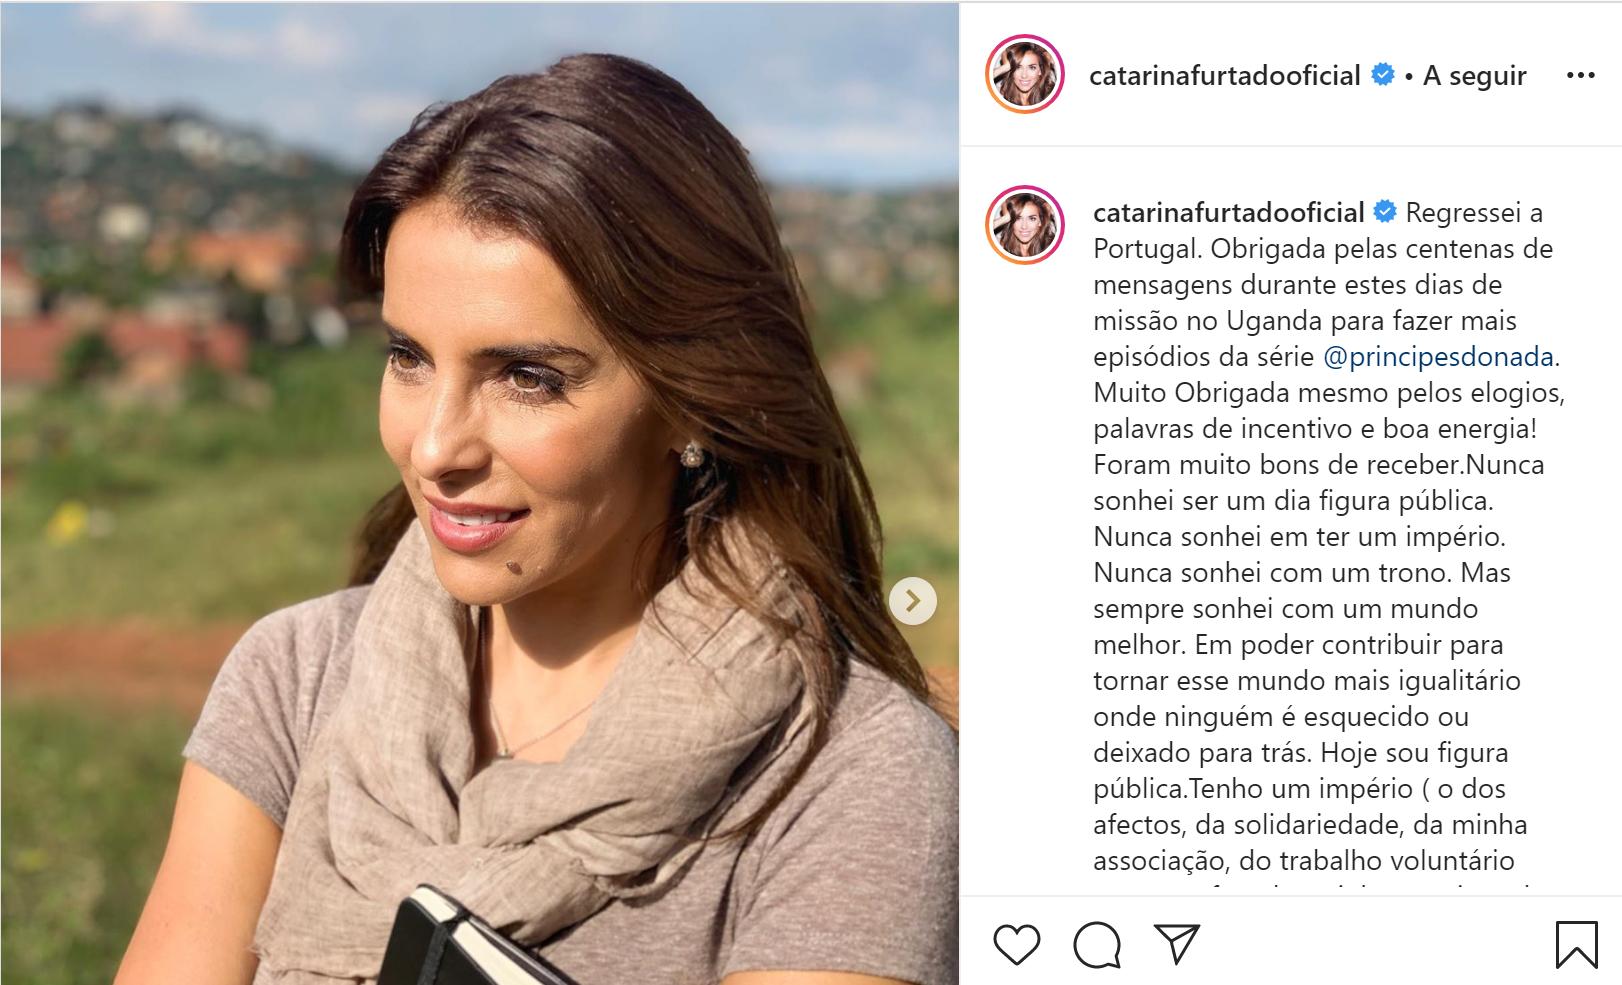 A Catarina - Crónica de domingo Catarina